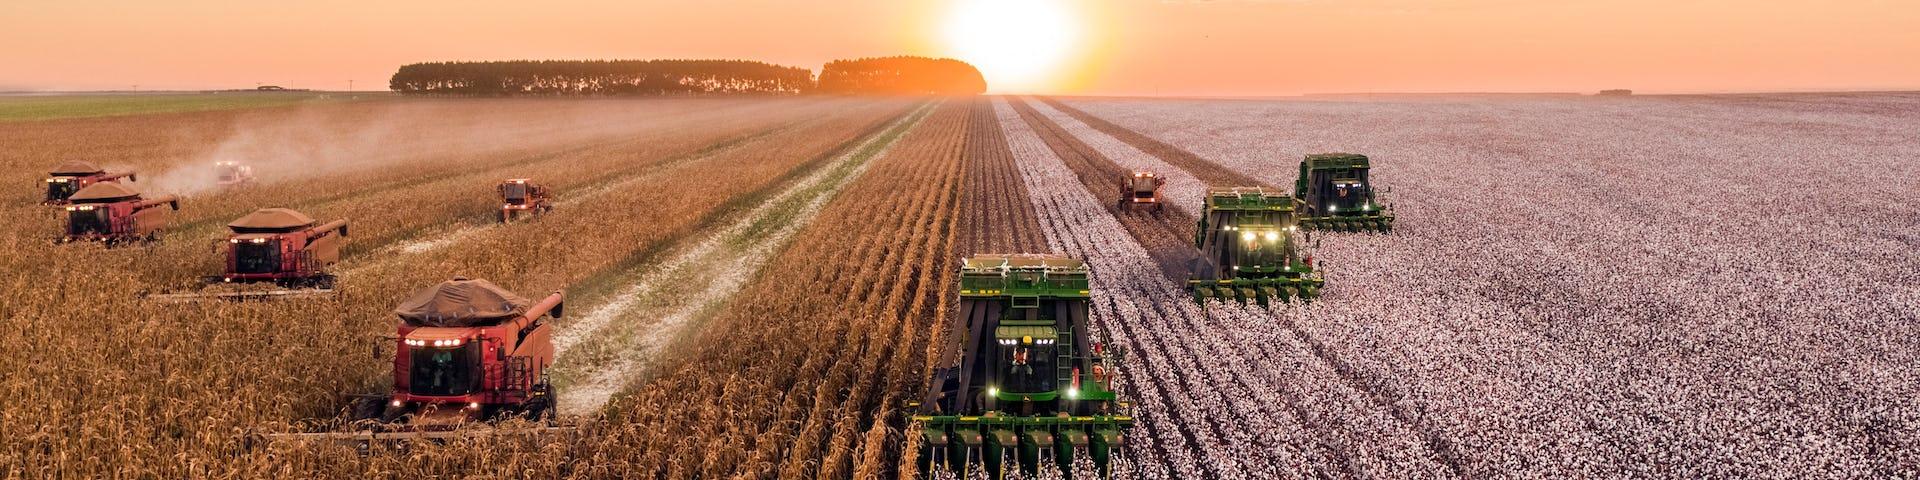 agricultural economics articles